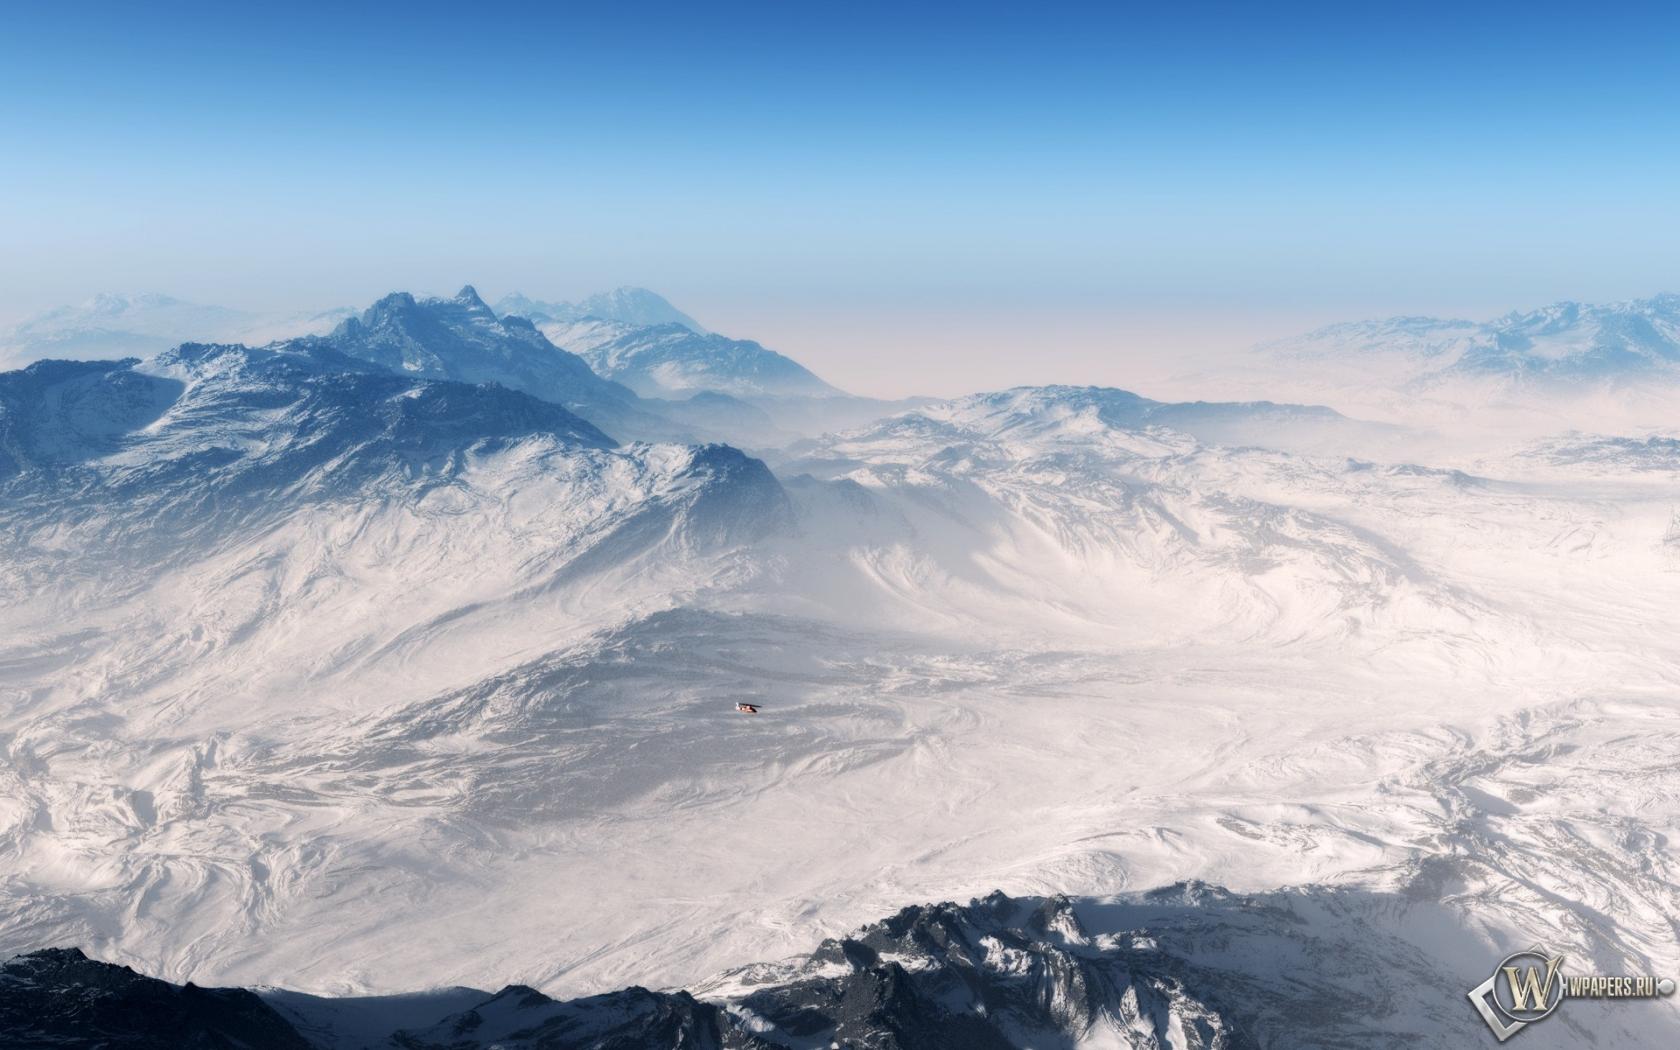 Вертолет горы снег 1680x1050 картинки